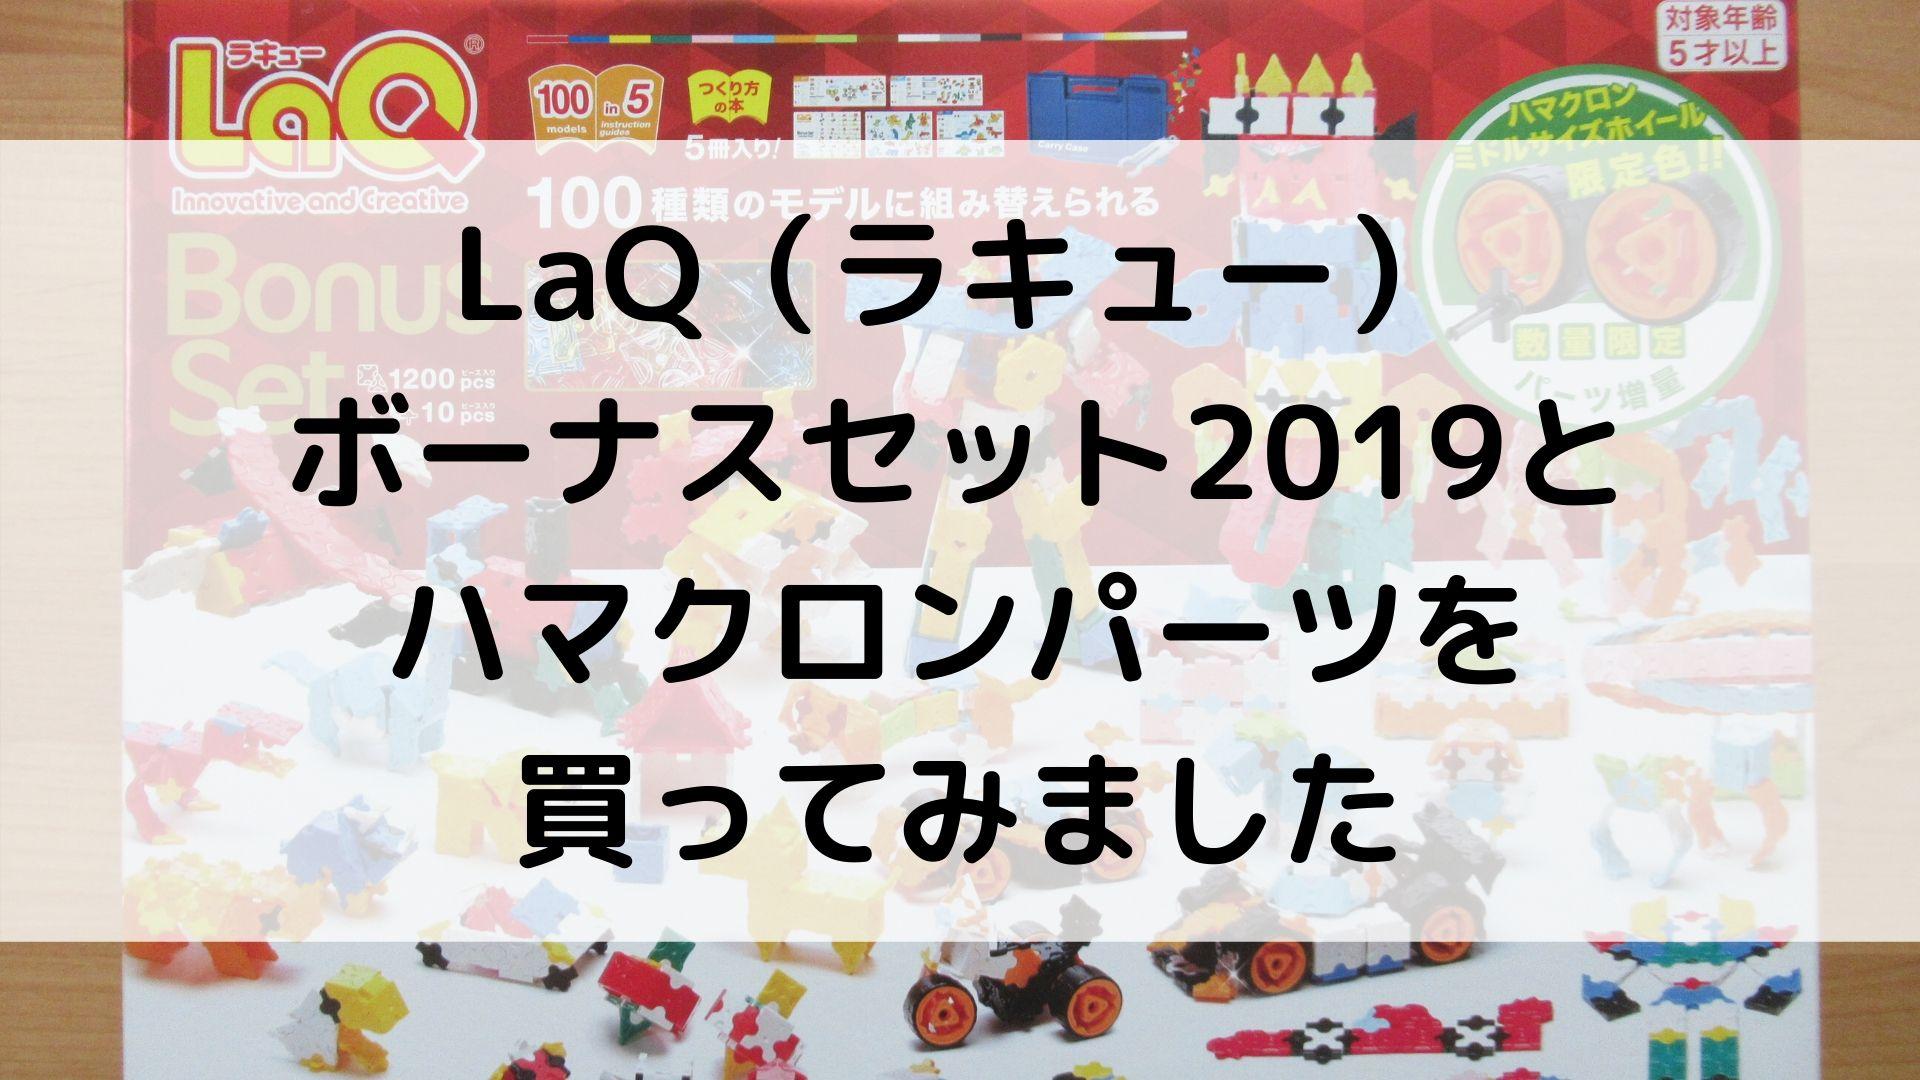 LaQ(ラキュー)ボーナスセット 2019